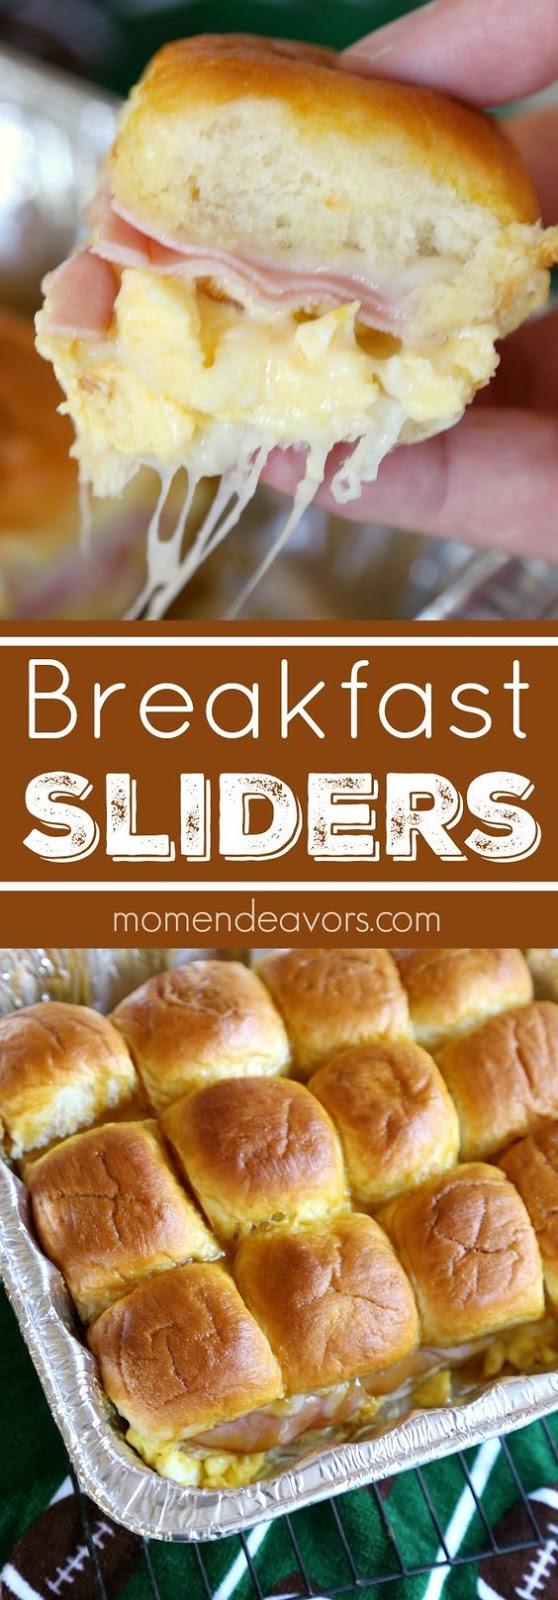 Gameday Breakfast Sliders